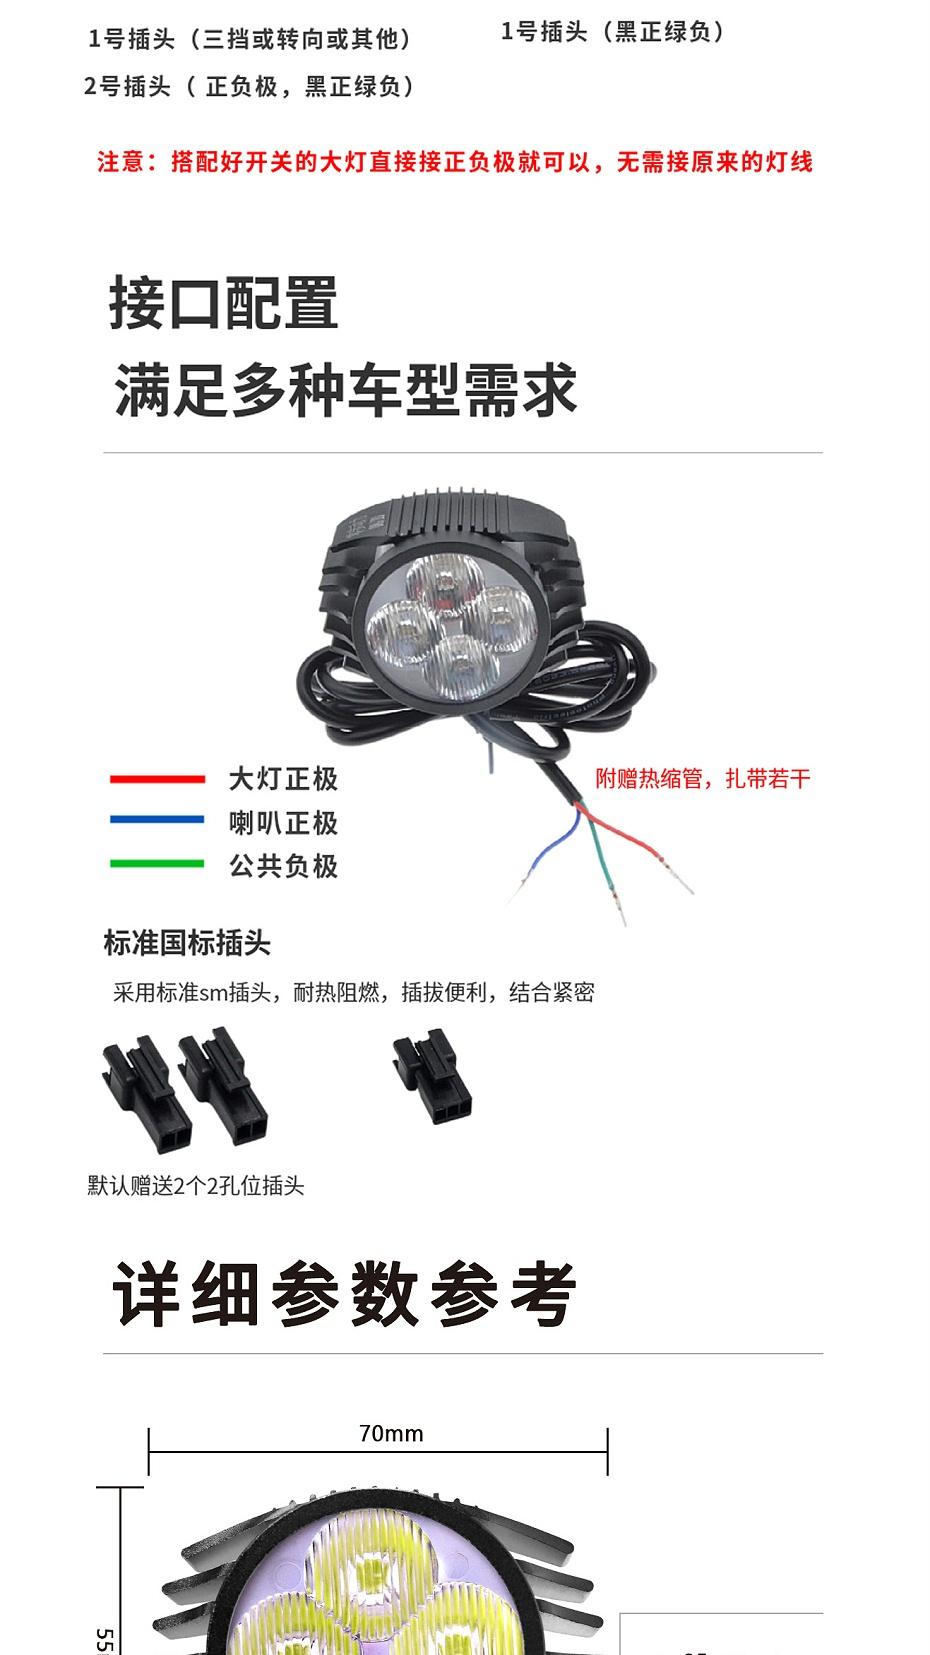 LED驾车大灯(1)_05